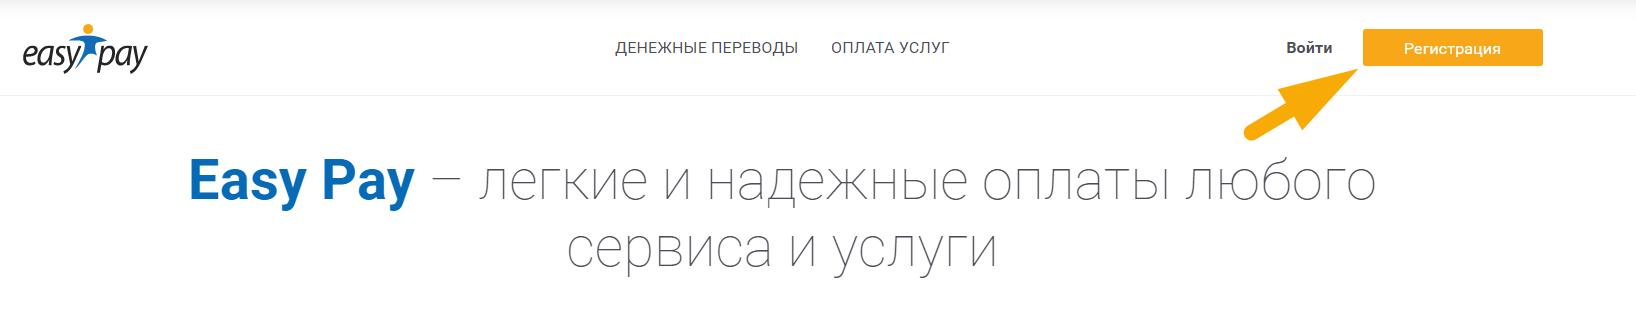 Как оплатить Николаевгаз сбыт - шаг 1